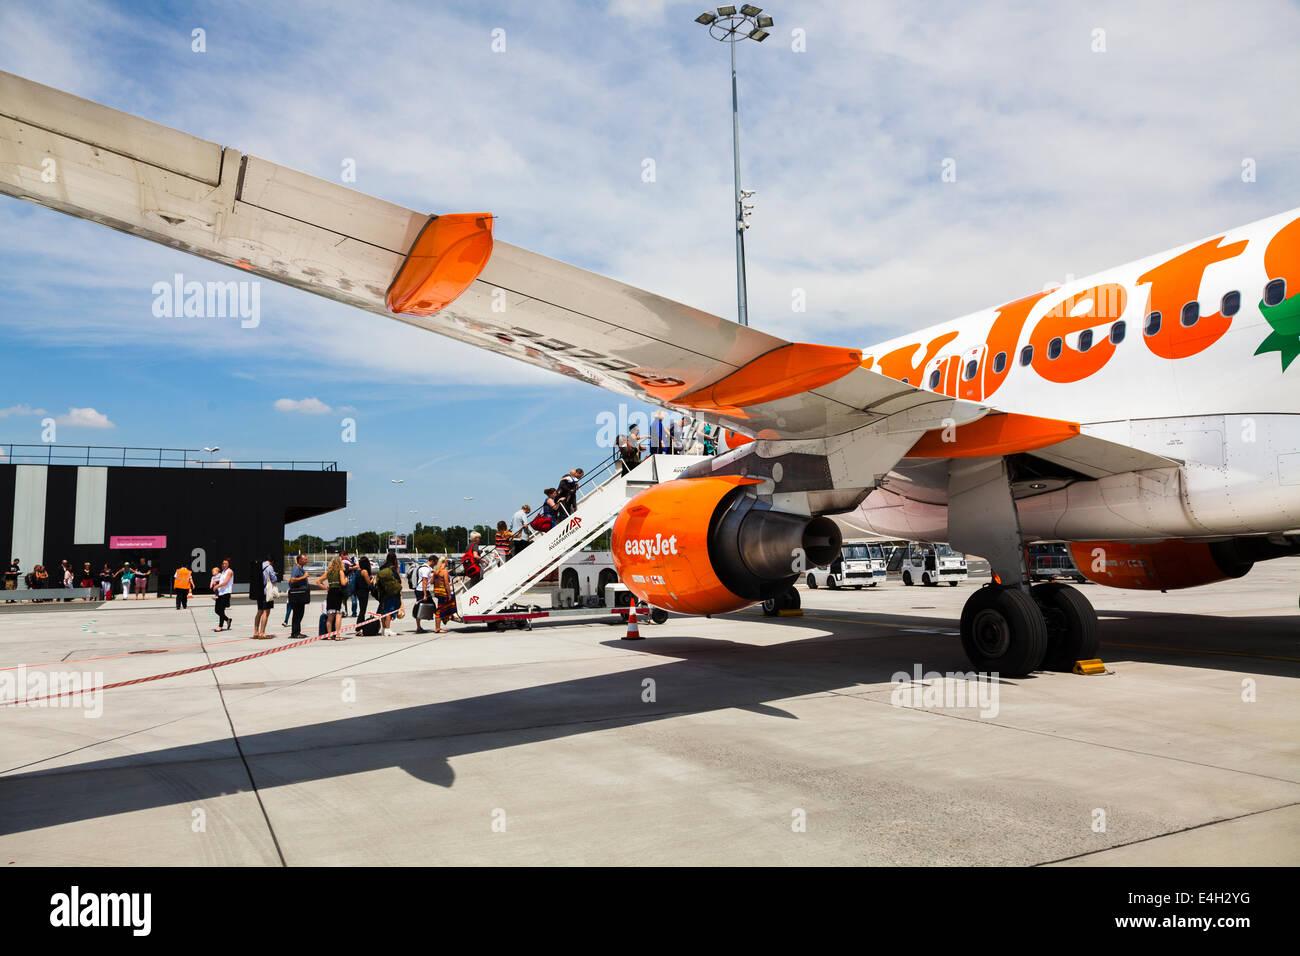 Les passagers d'Easyjet pour escaliers avant par avion. Photo Stock